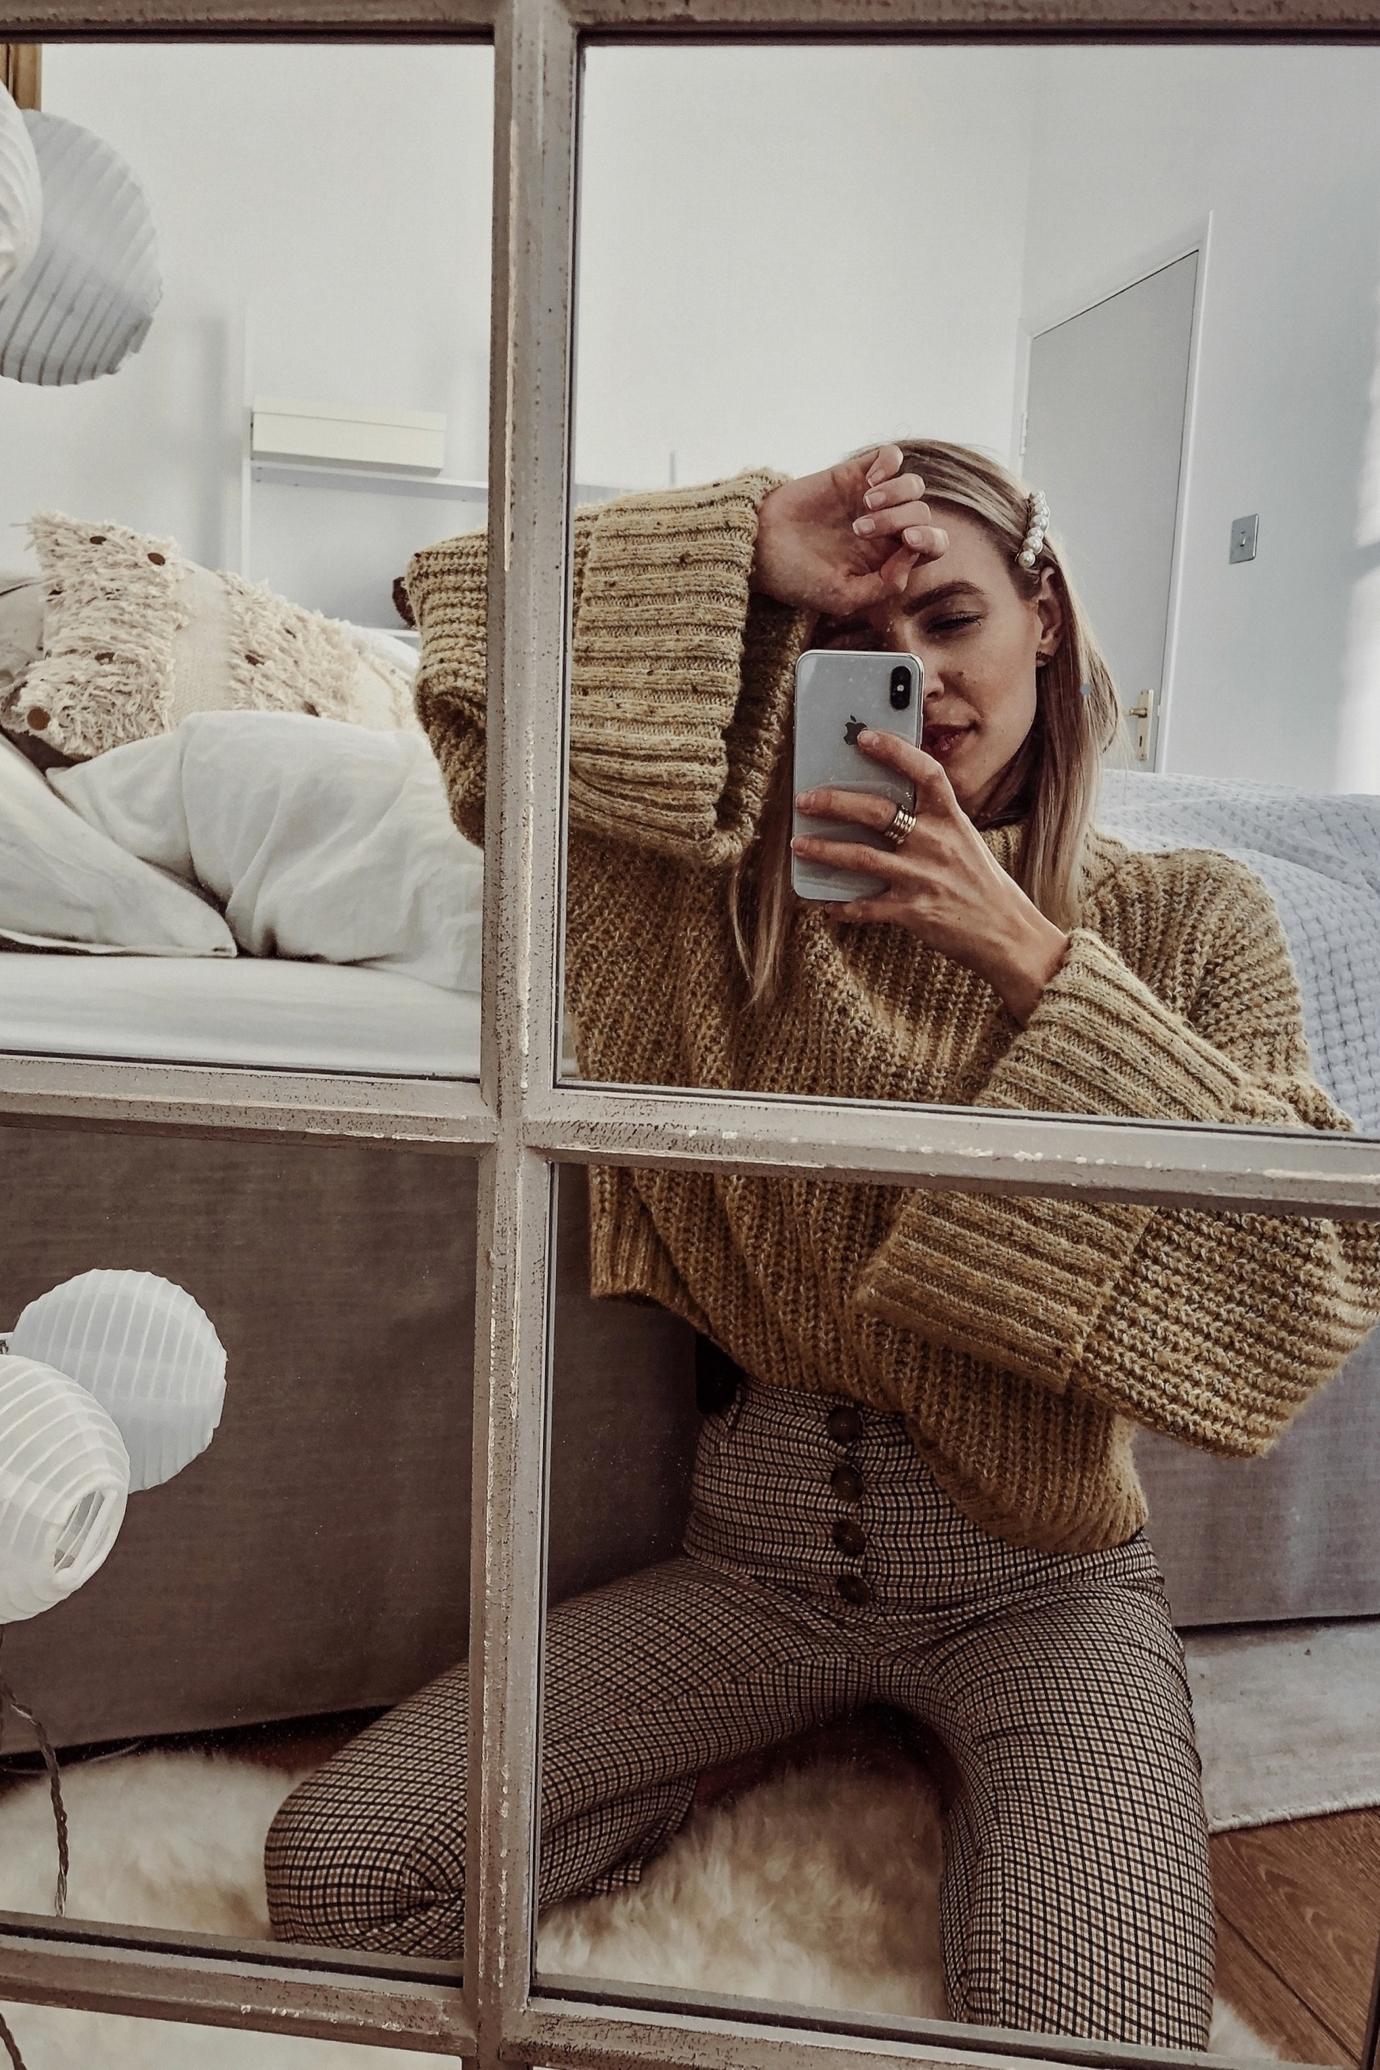 Leonie Hanne mirror